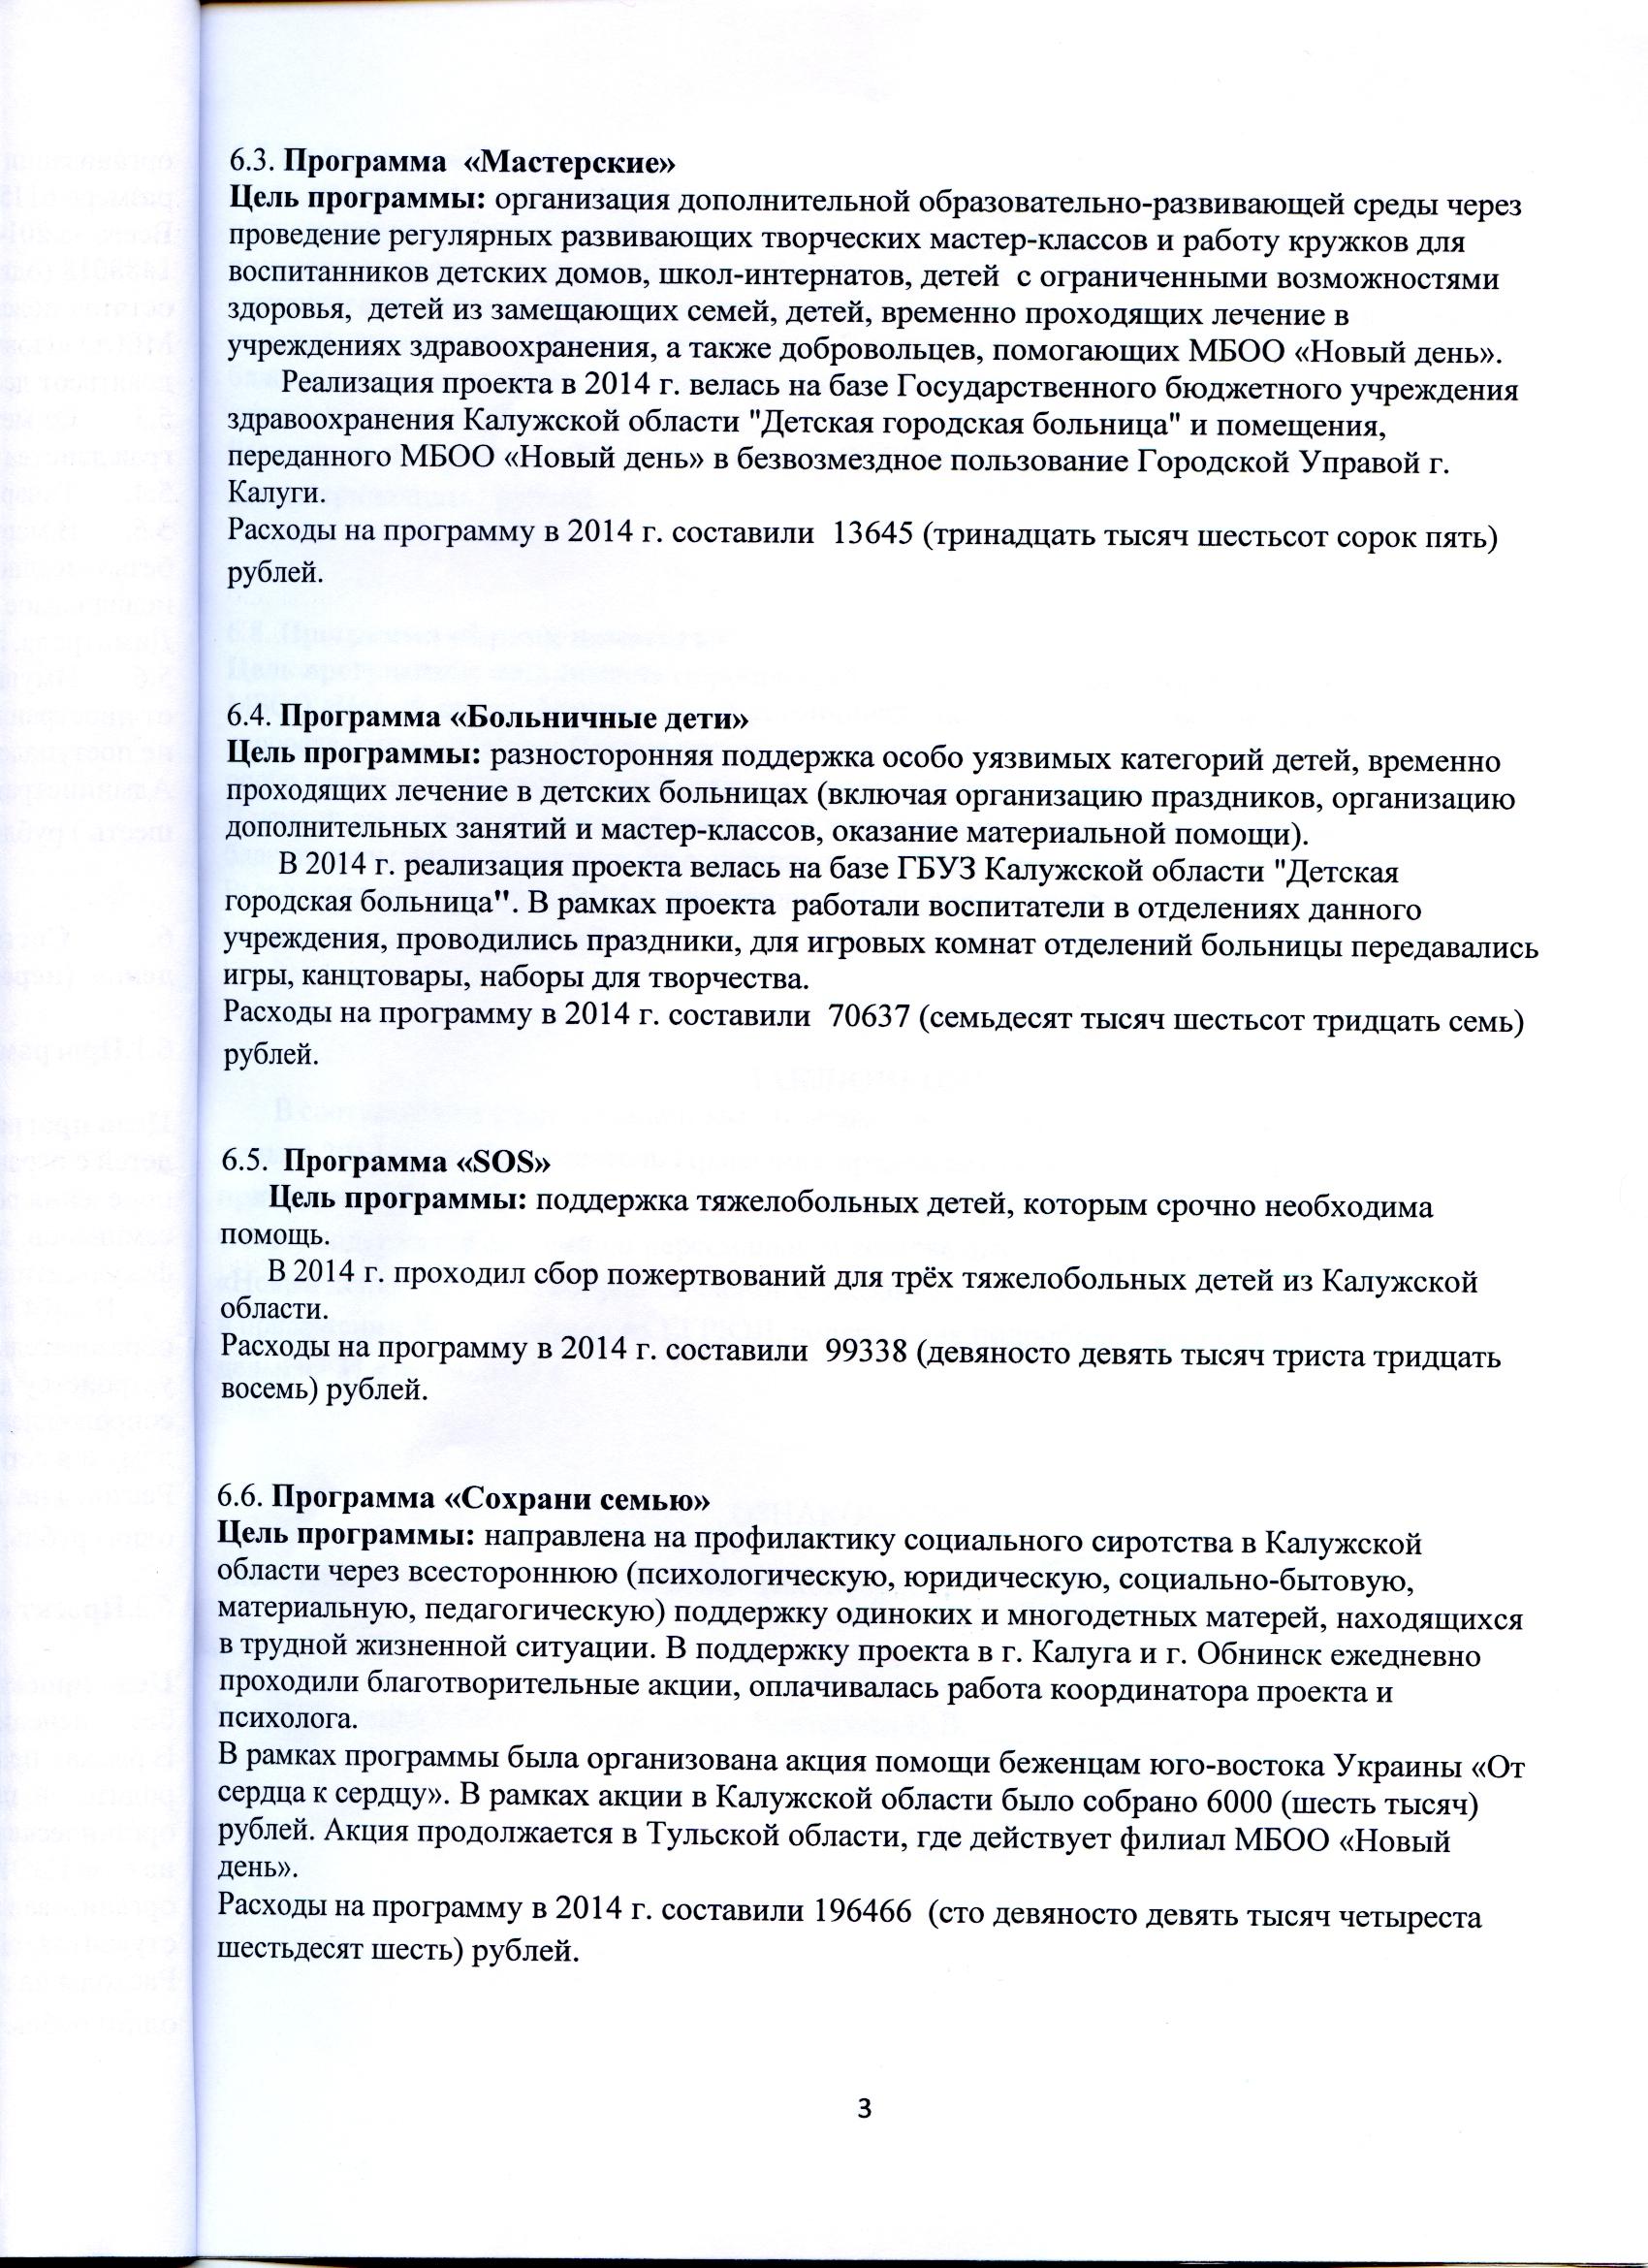 """Отчёт председателя правления МБОО """"Новый день"""" по итогам деятельности в 2014 году документ 3"""